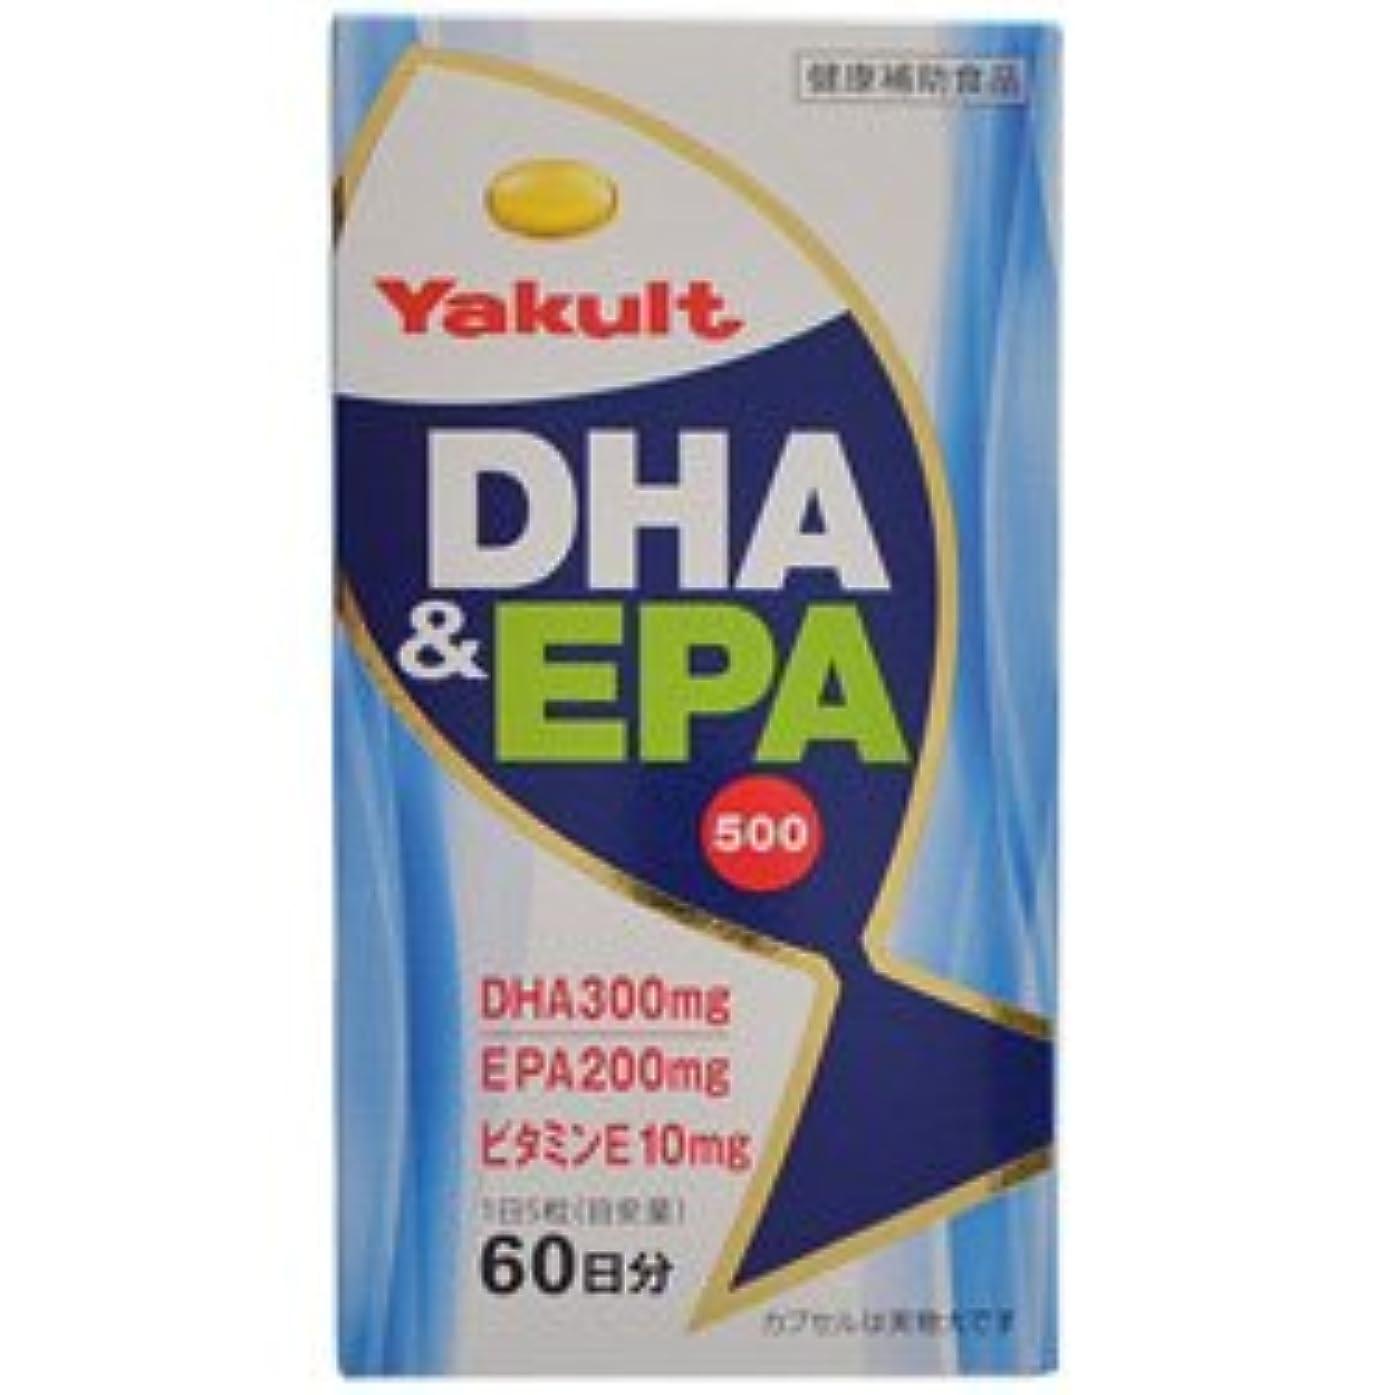 政治的オペラアストロラーベ【ヤクルトヘルスフーズ】DHA&EPA 500 300粒 ×3個セット